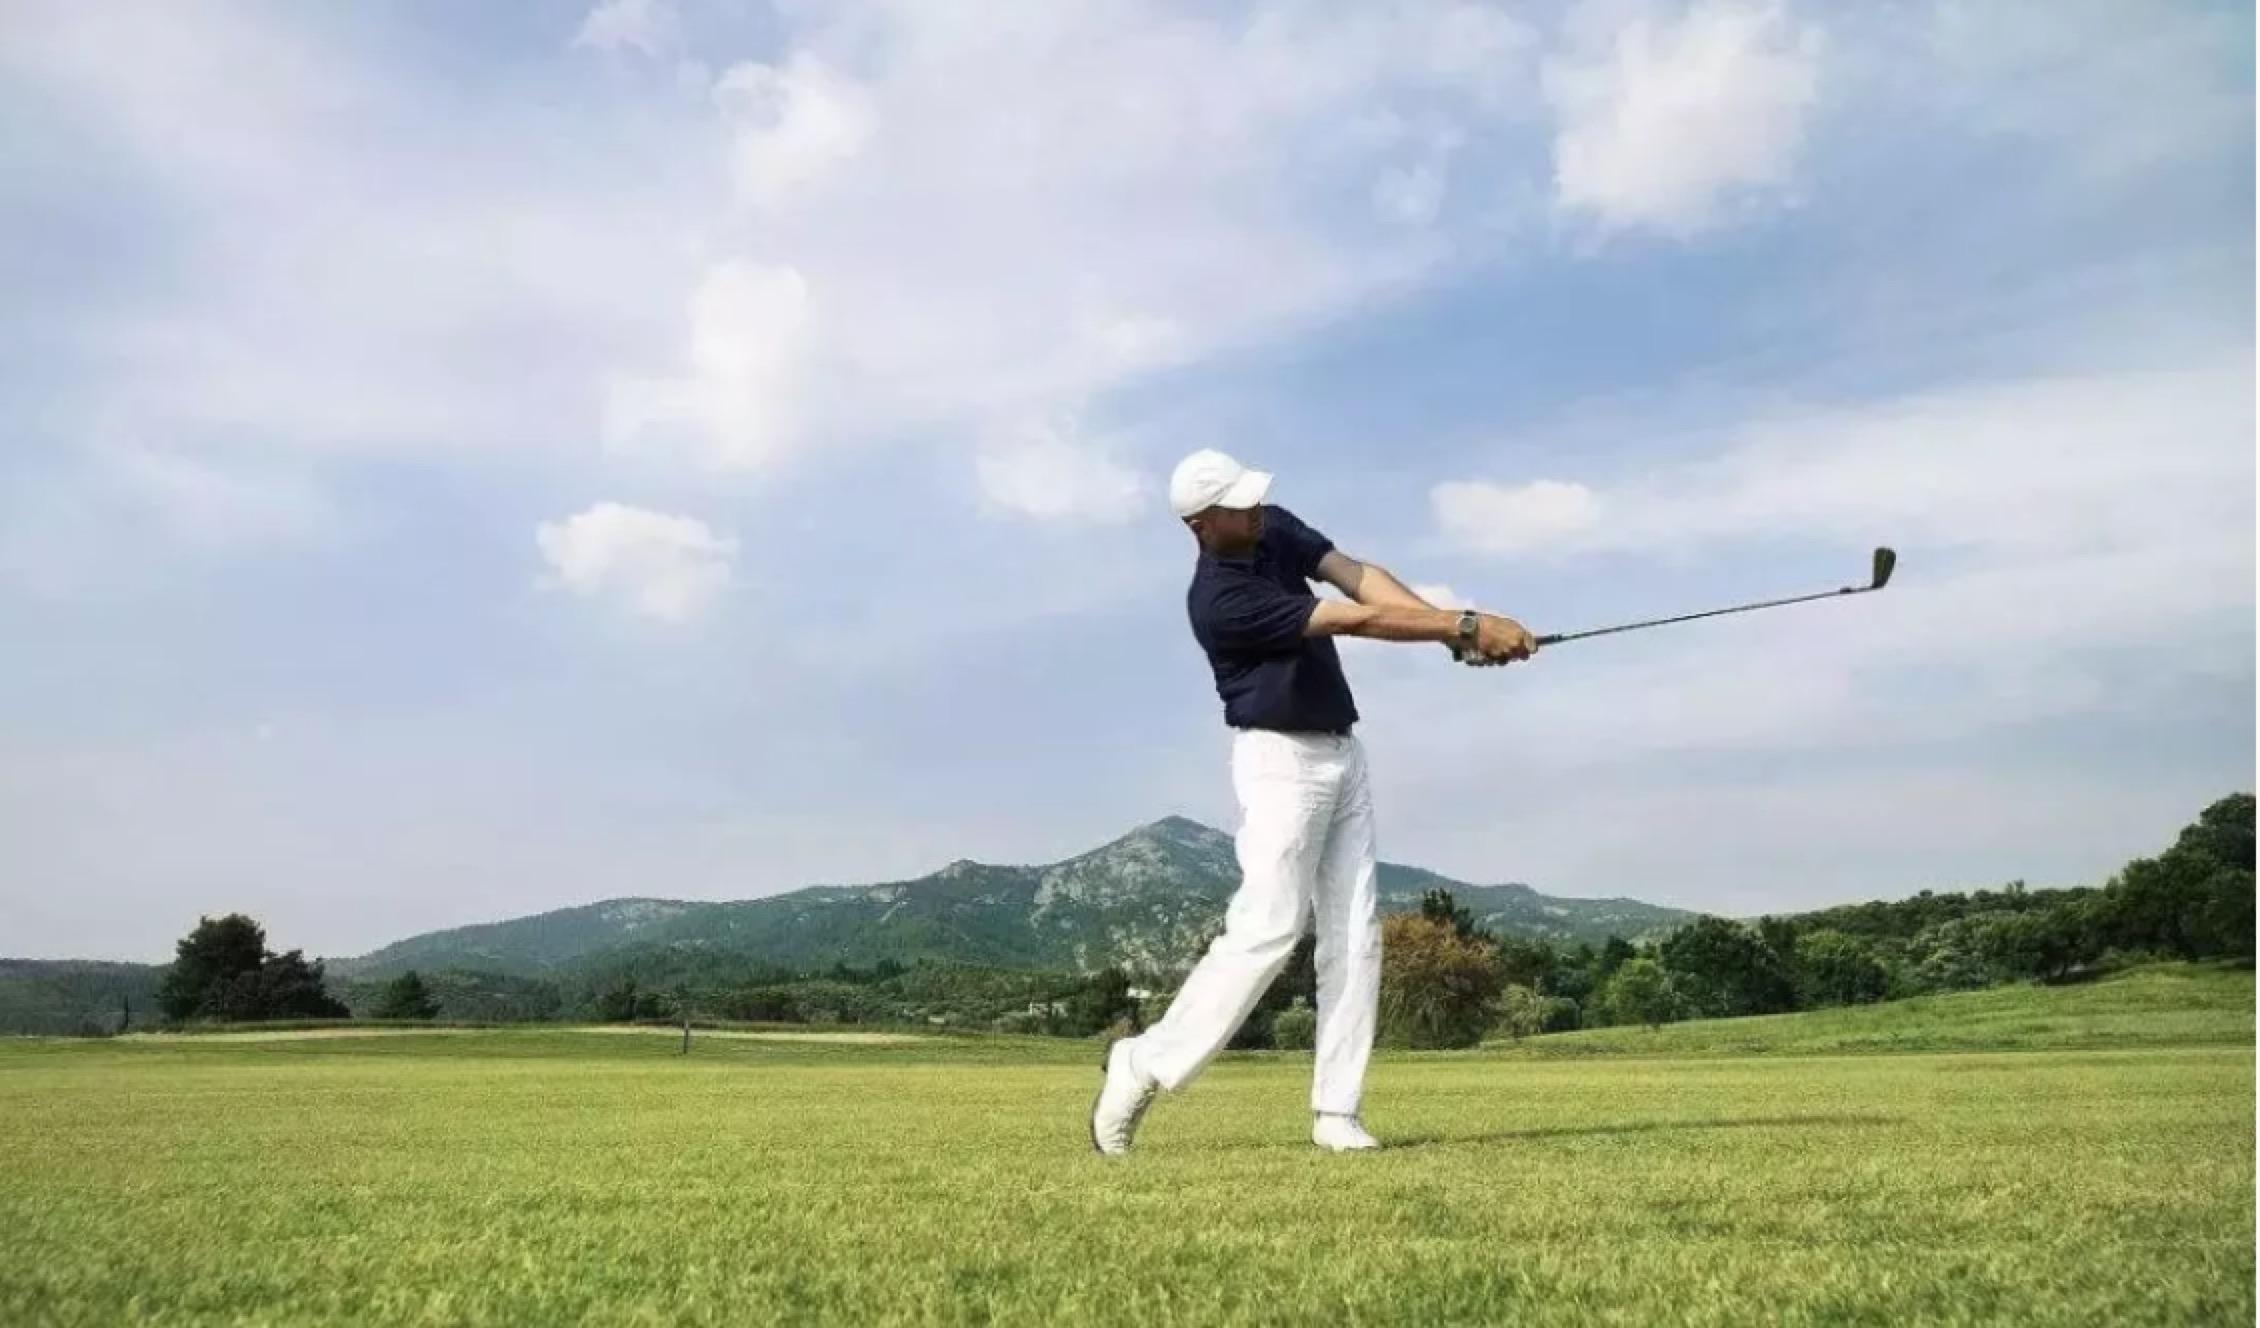 高尔夫独有的优雅,你读懂了吗?